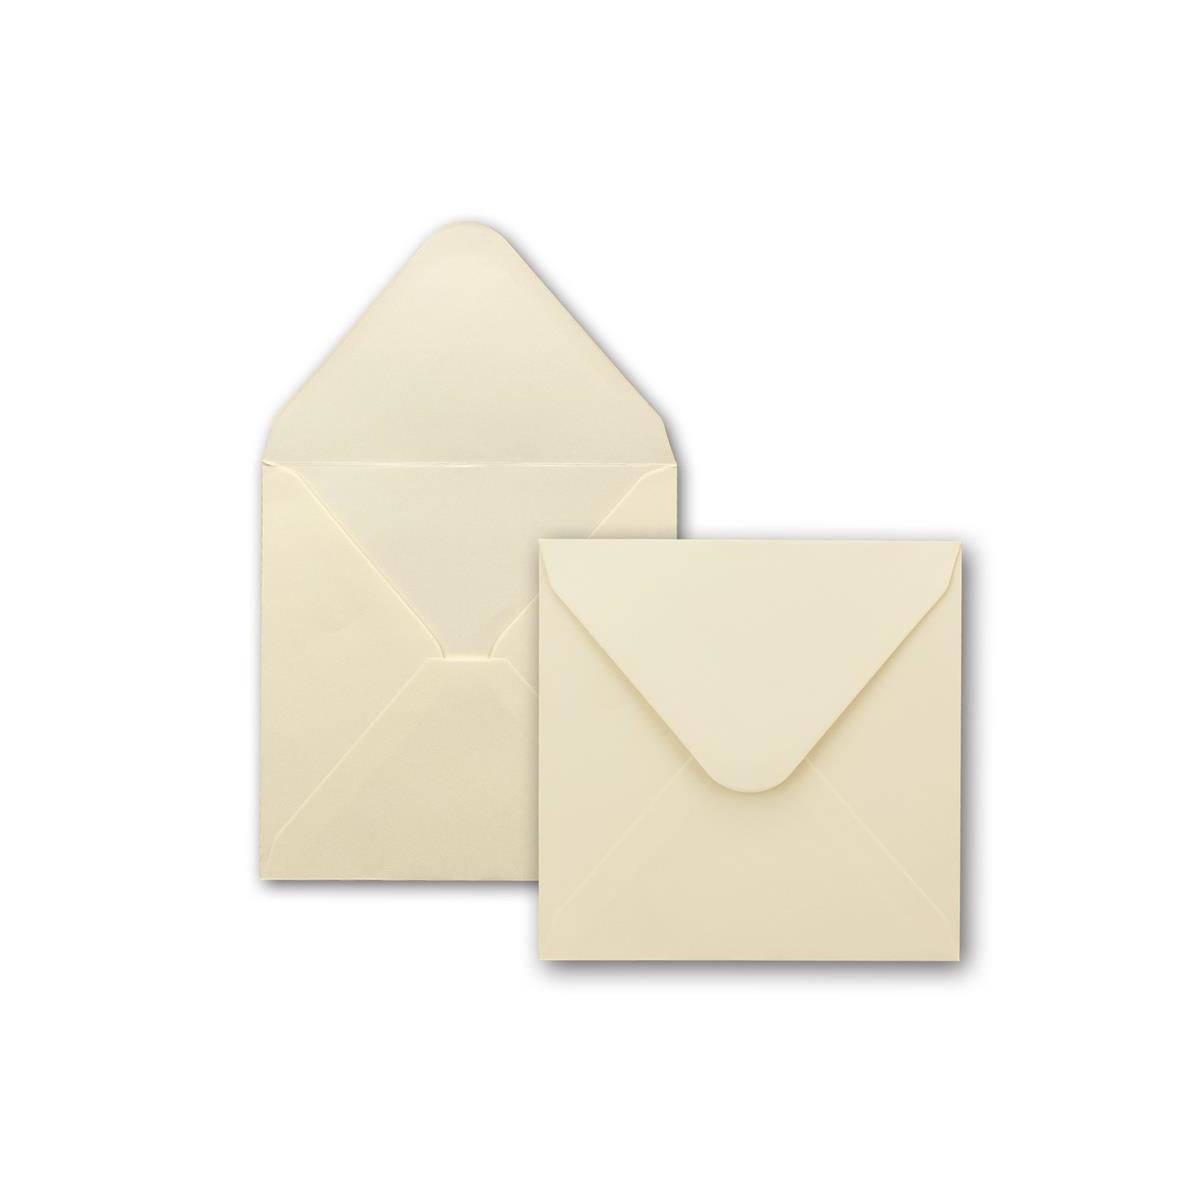 Recycling Vintage Karten-Set 75x Kraftpapier-Karten Set quadratisch 13,5 x 13,5 cm mit Brief-Umschl/ägen /& Einlege-Bl/ätter f/ür Einladungen